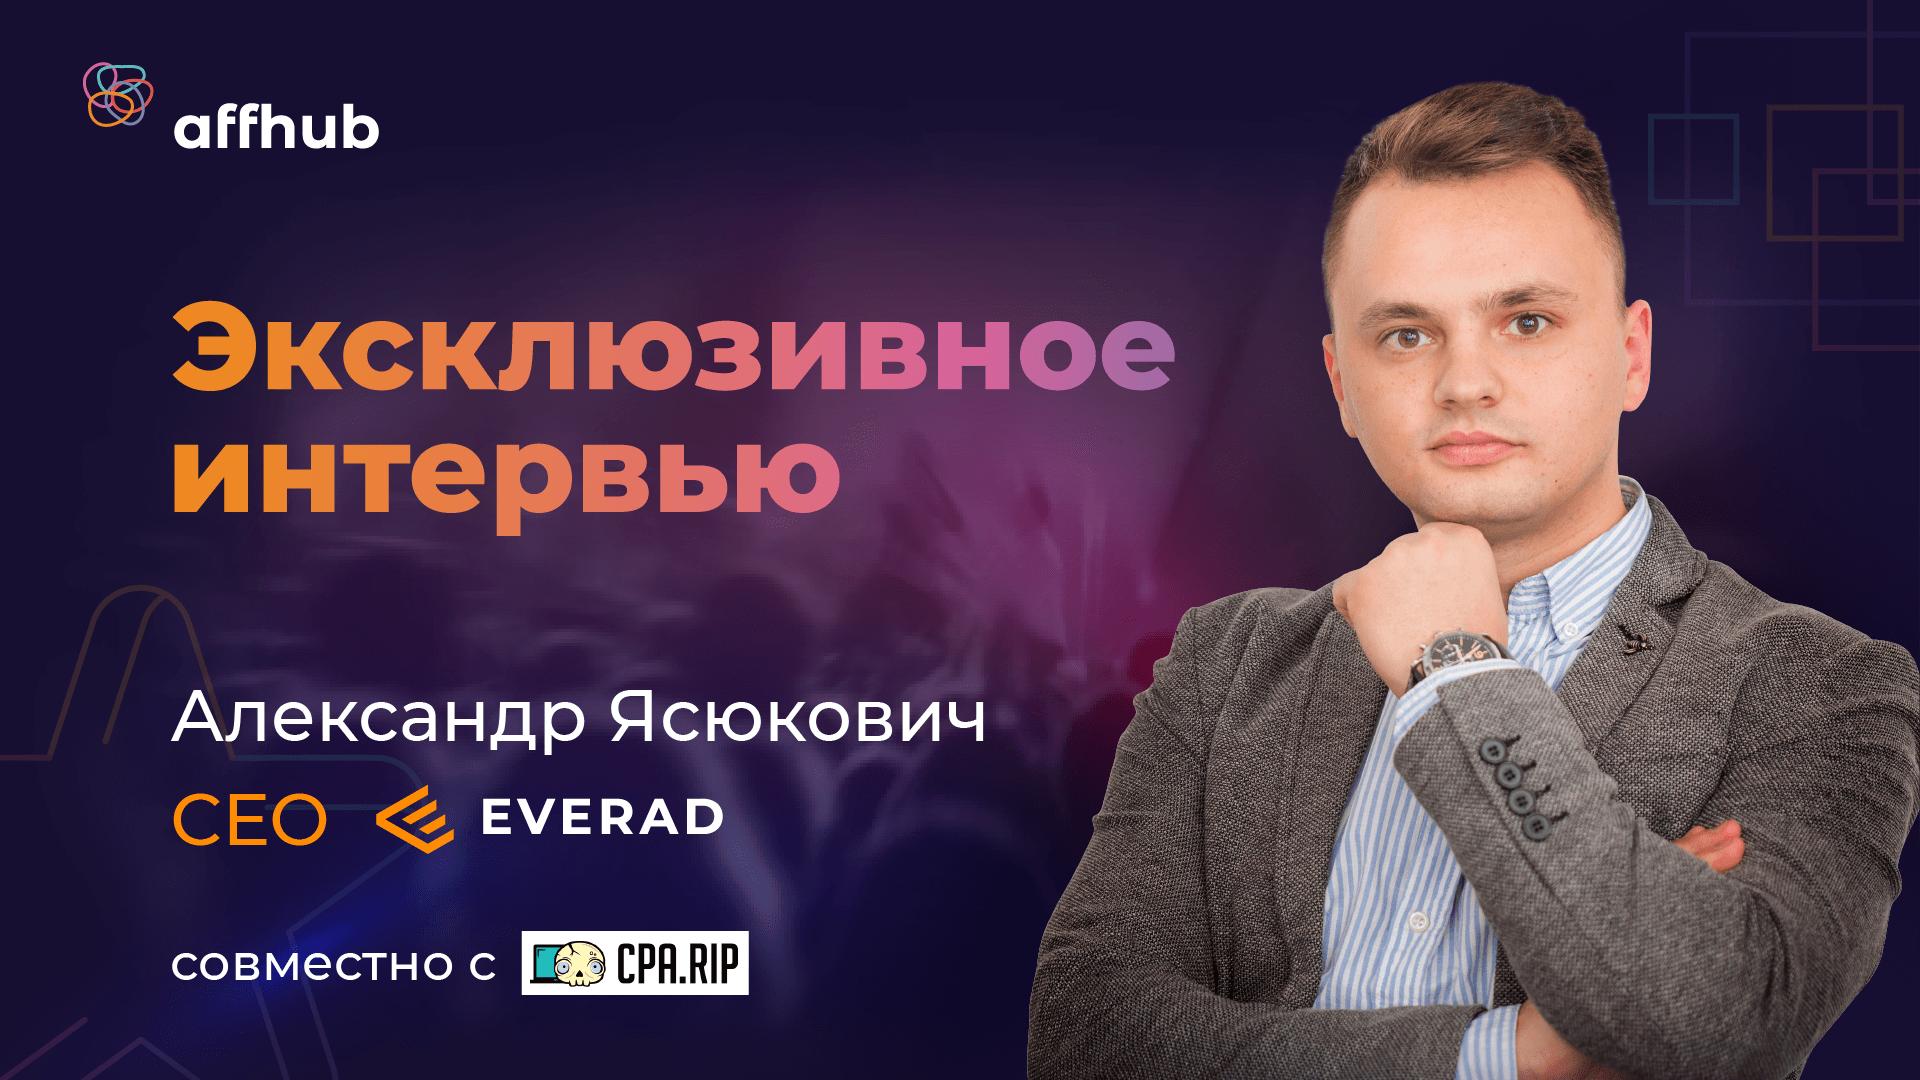 Александр Ясюкович